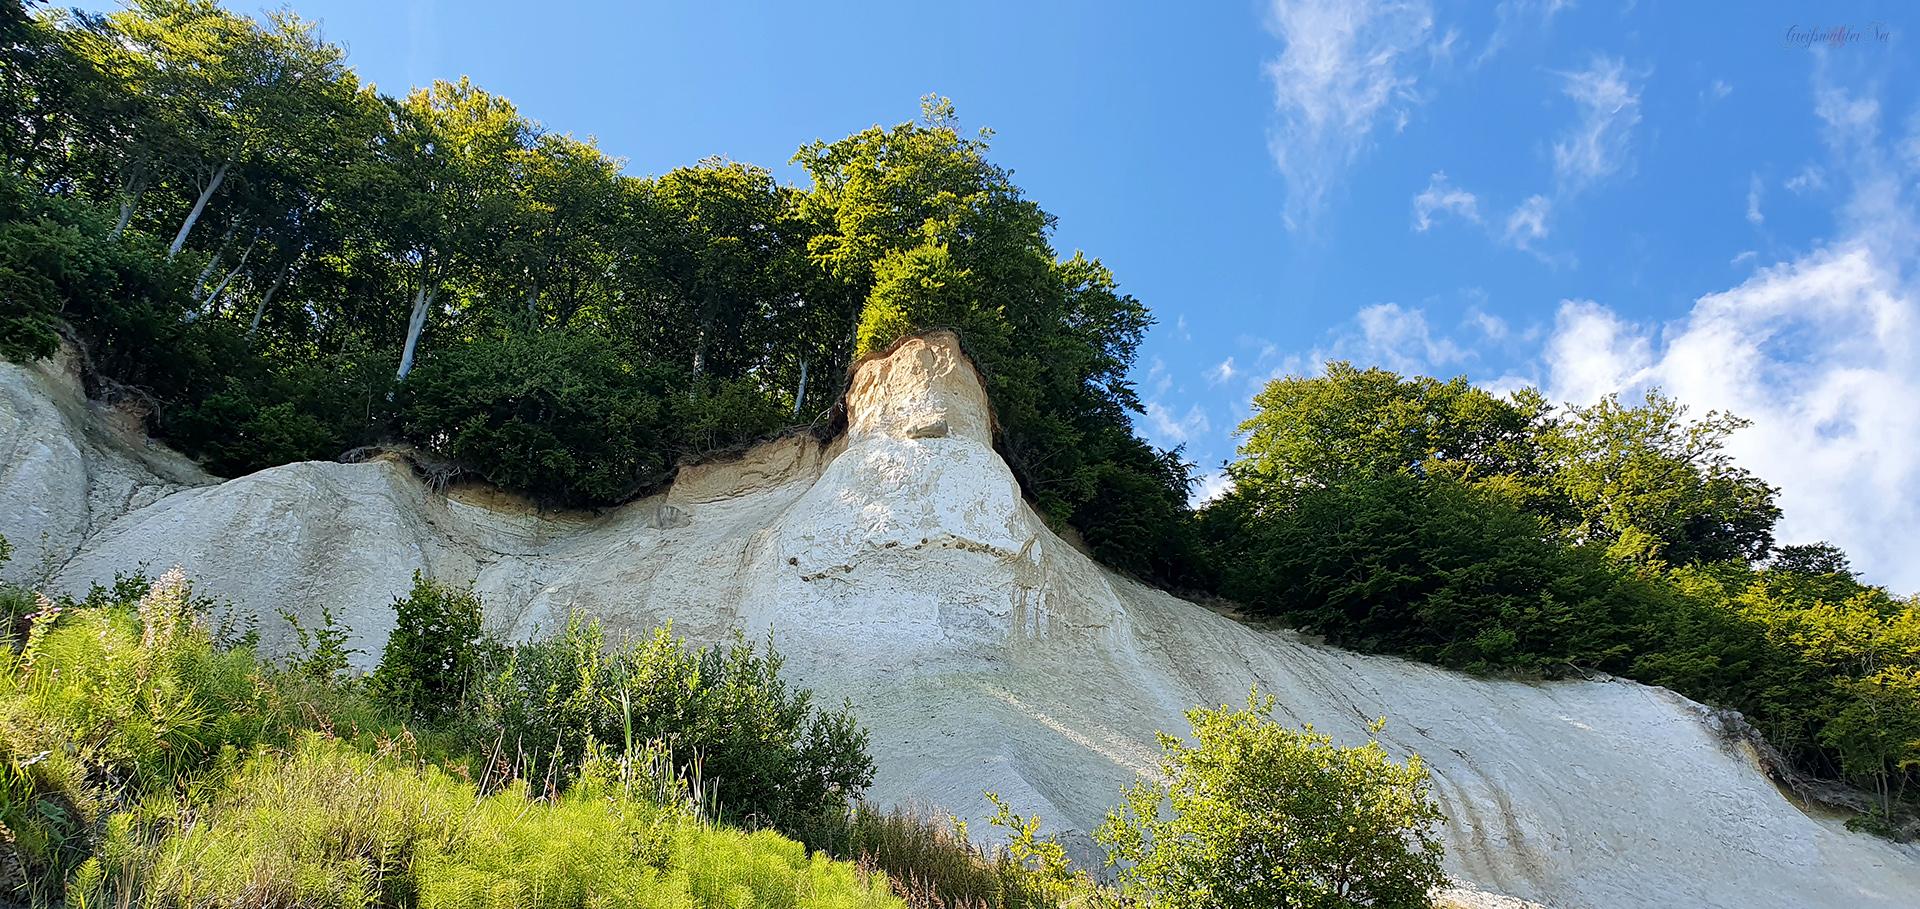 Herr der Berge - Kreidefelsen auf der Insel Rügen